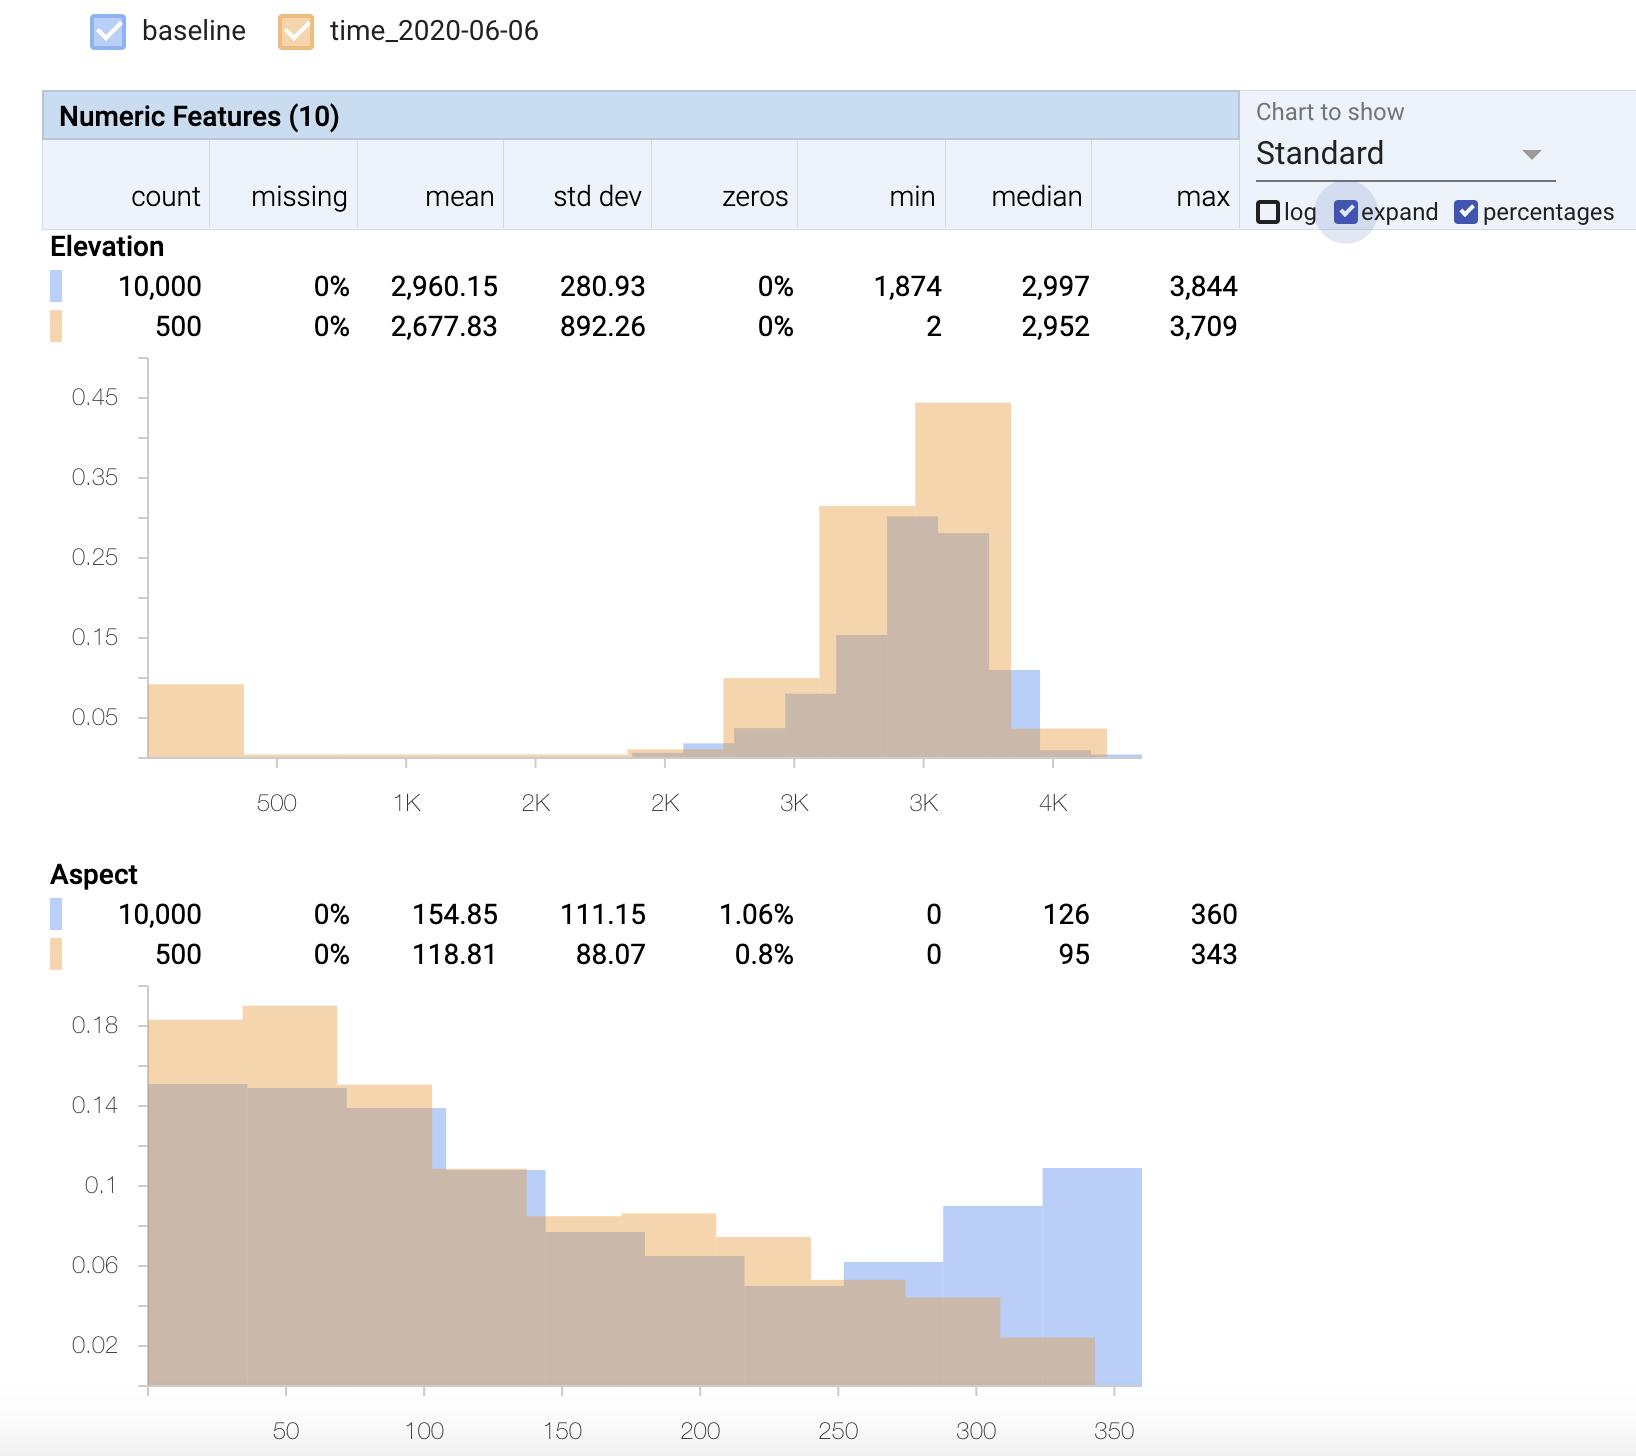 Gráficos que mostram anomalias para elevação e aspecto.